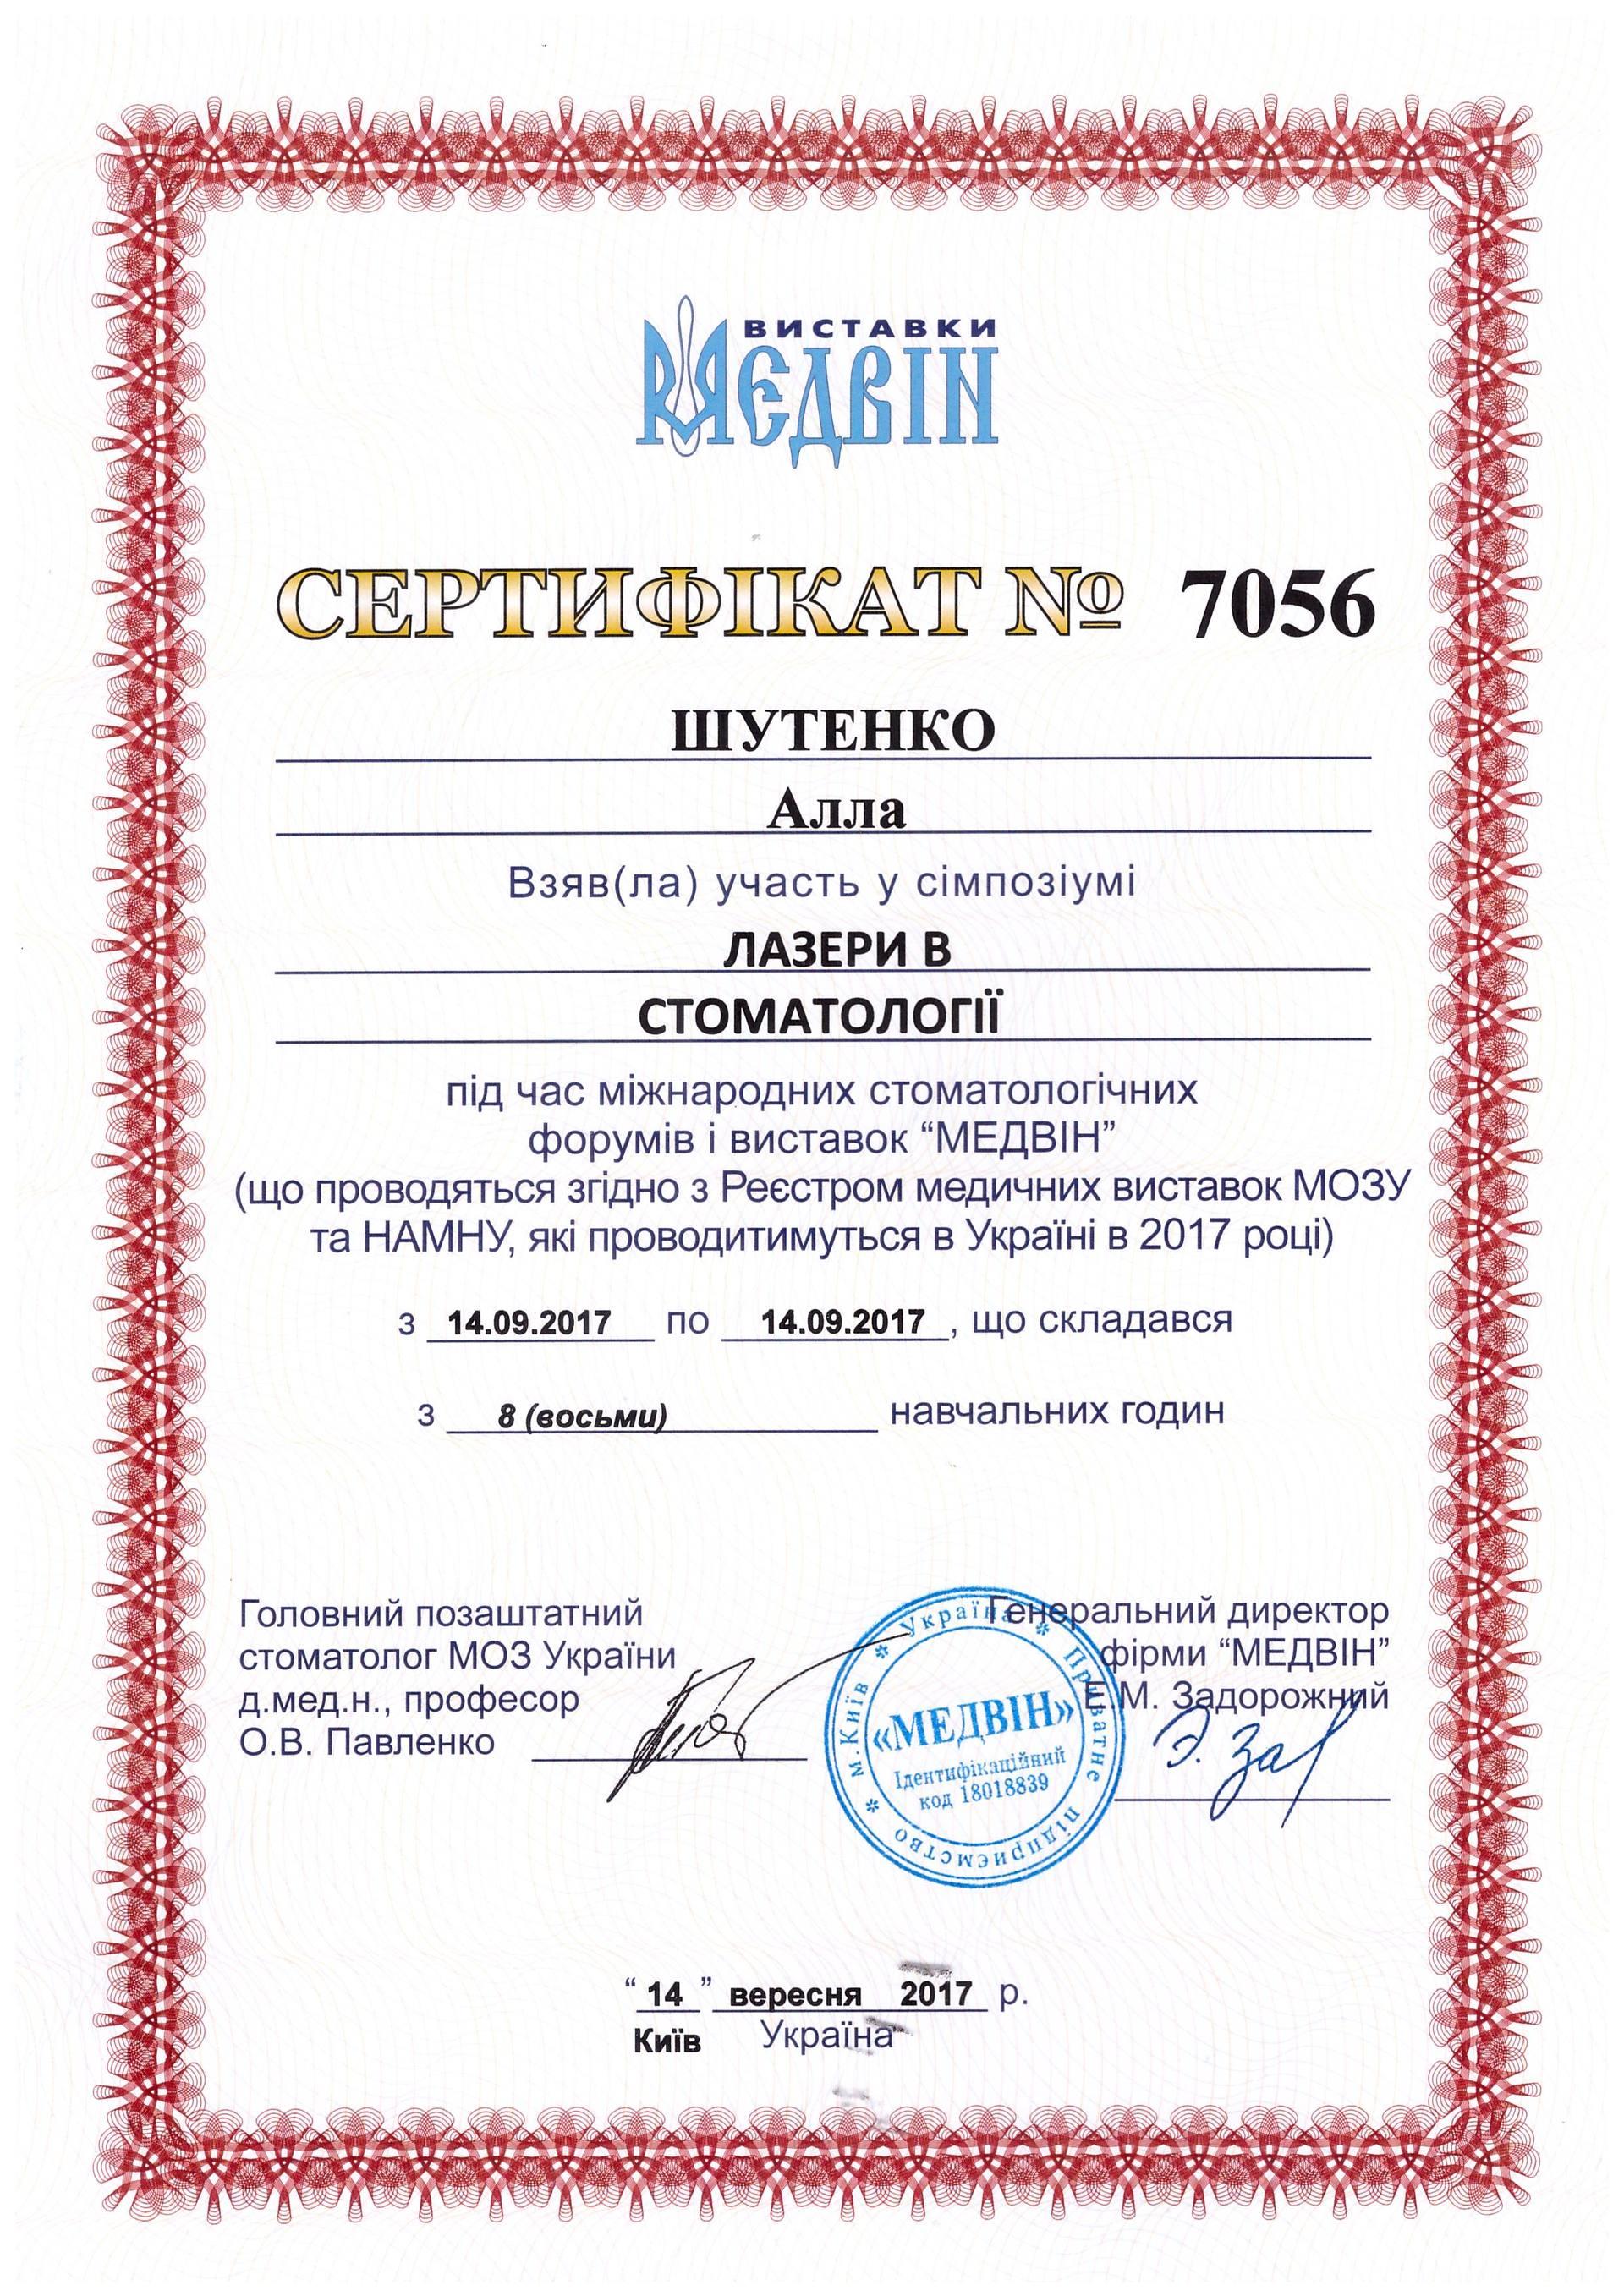 Сертифікат_стоматолога#13